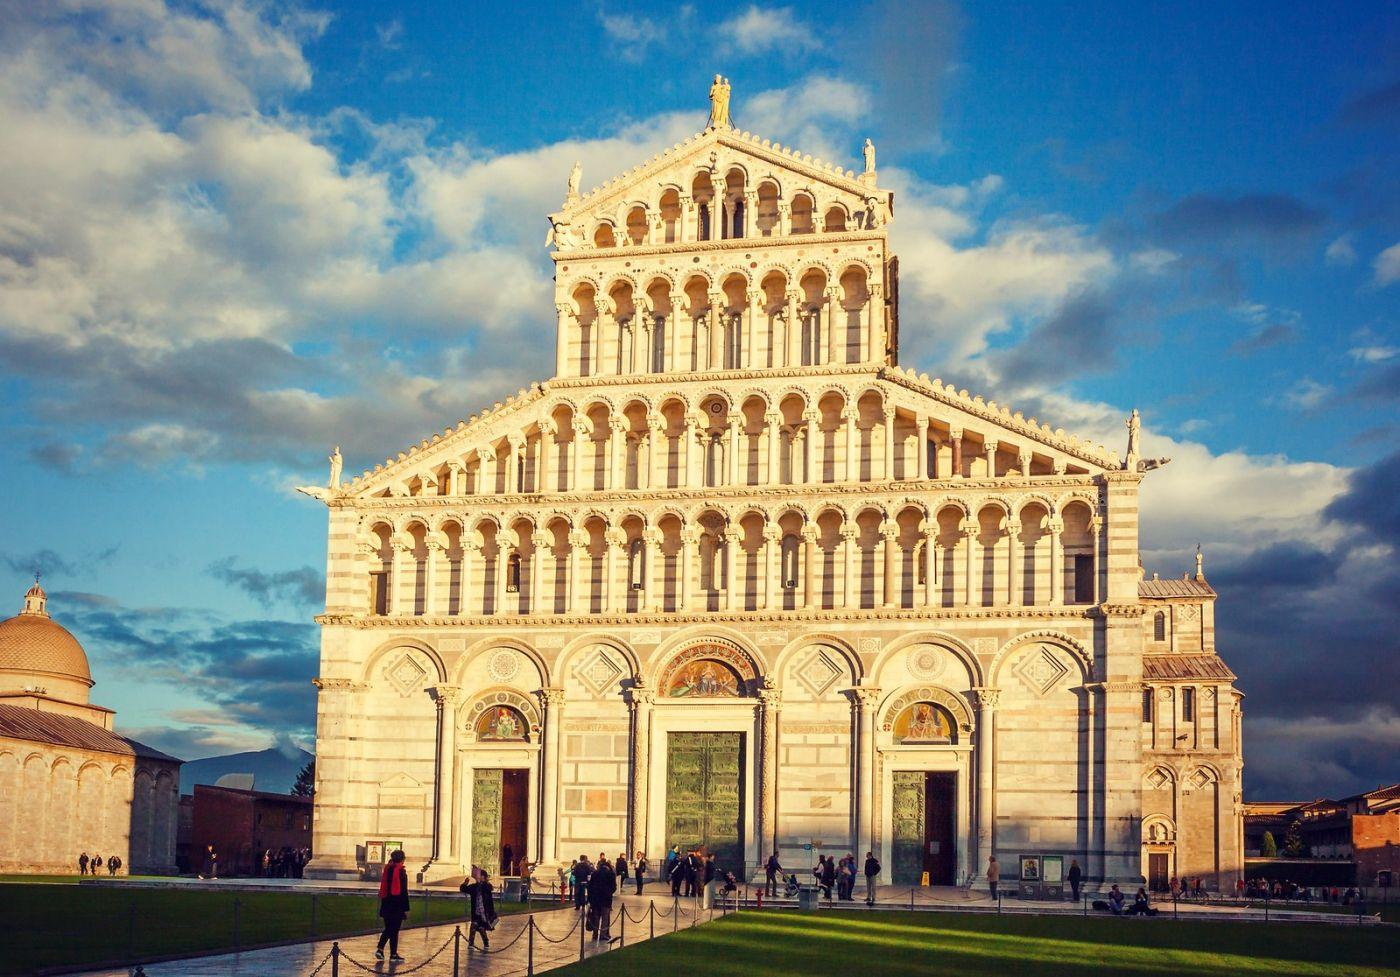 意大利比萨斜塔,塔旁的建筑群_图1-14